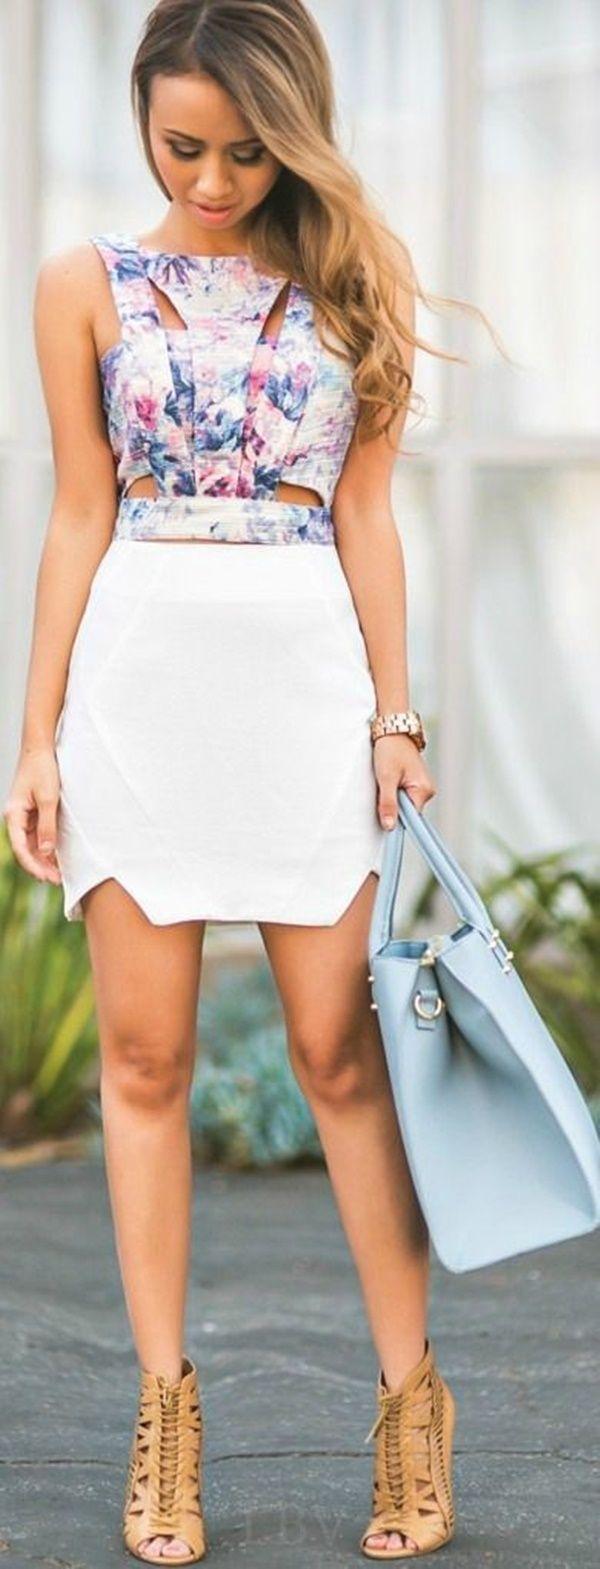 Die besten 25 tight hoco dresses ideen auf pinterest for Kurze enge kleider